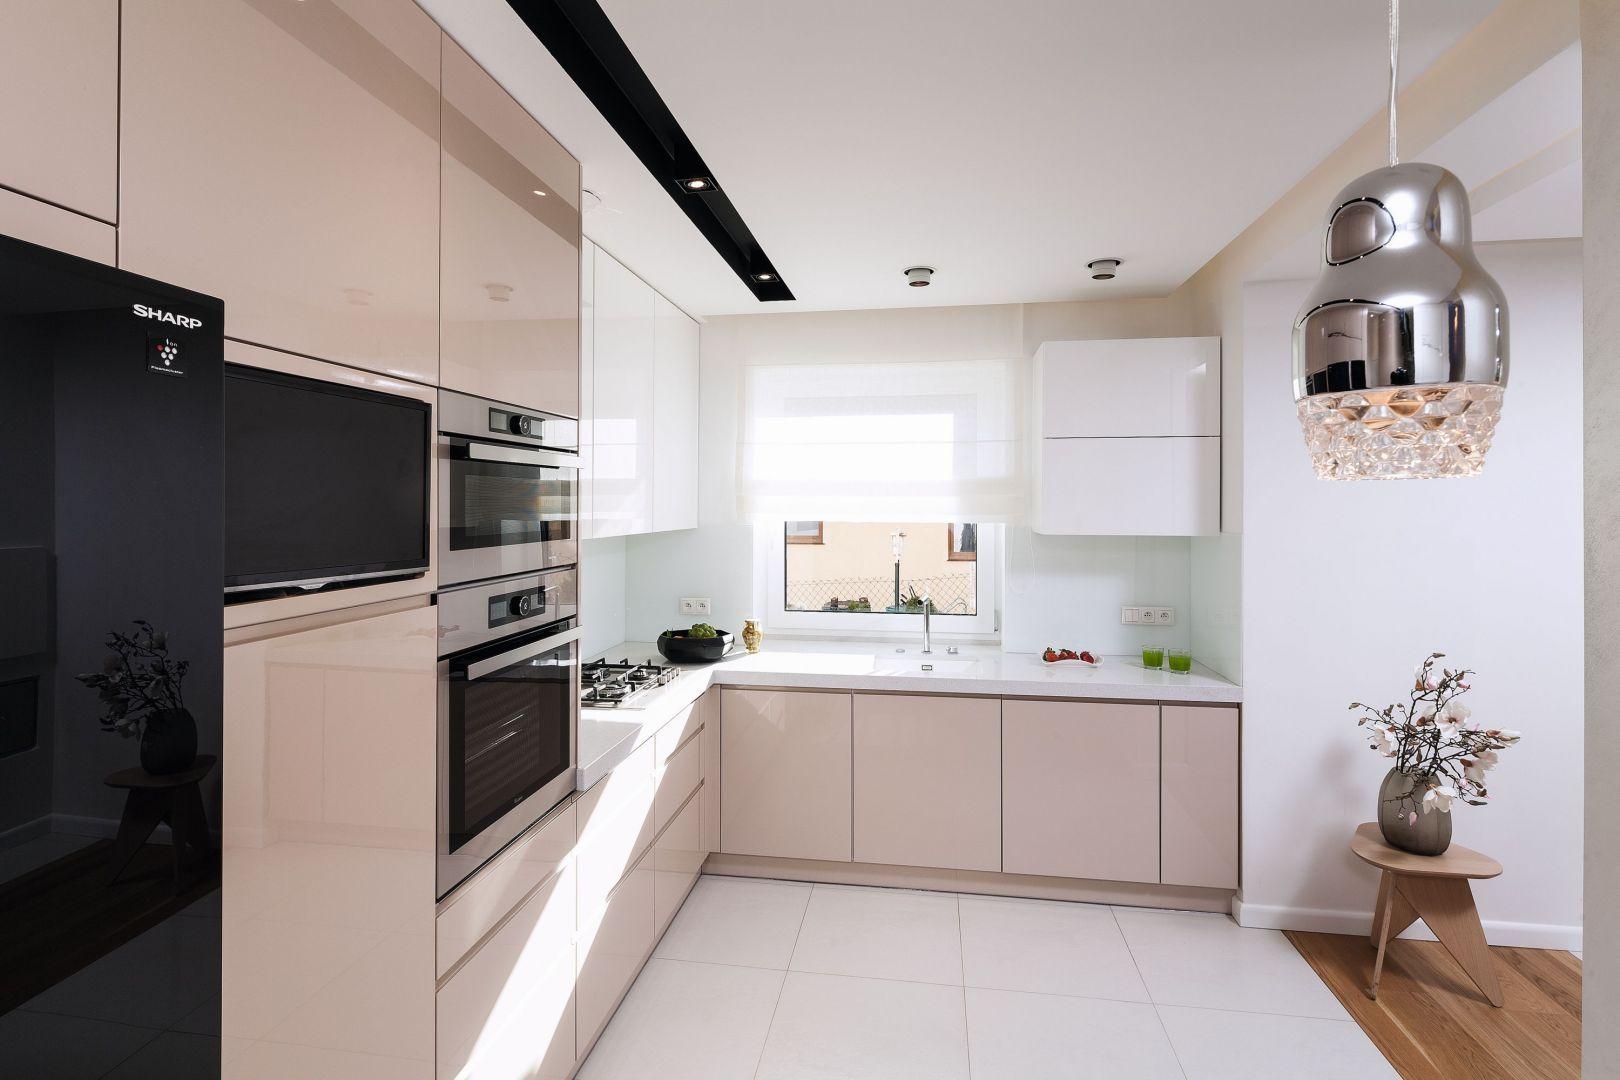 Meble do kuchni w kolorze pudrowego różu pięknie łączą się z bielą oraz elementami czerni. Projekt: Agnieszka Hajdas-Obajtek. Fot. Bartosz Jarosz